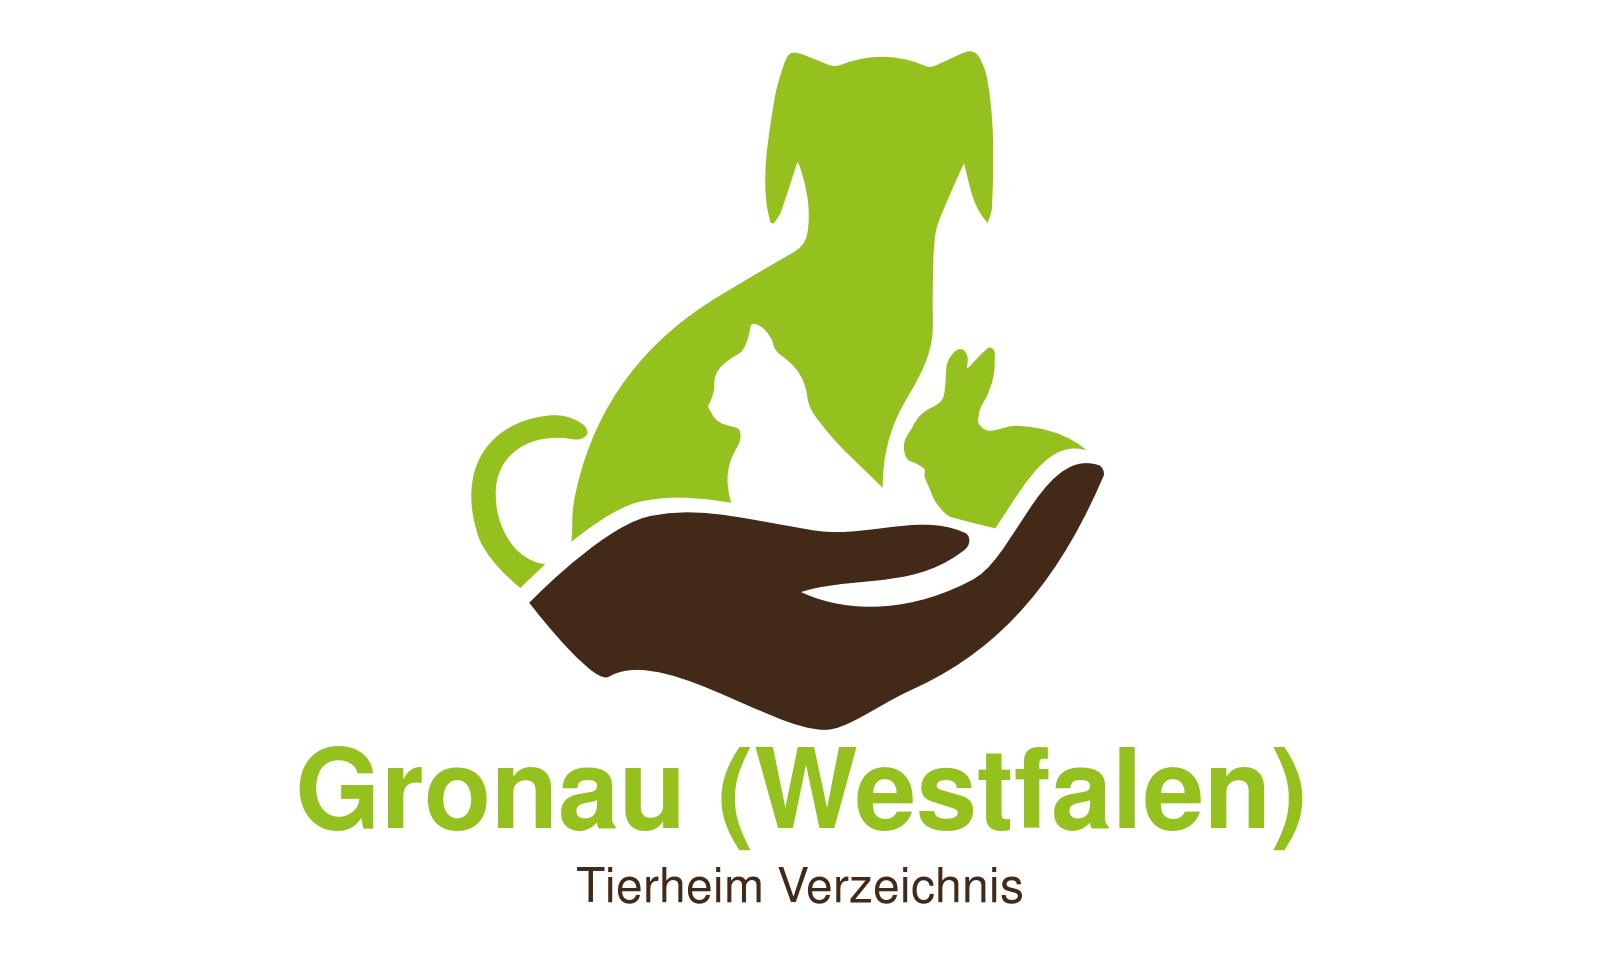 Tierheim Gronau (Westfalen)